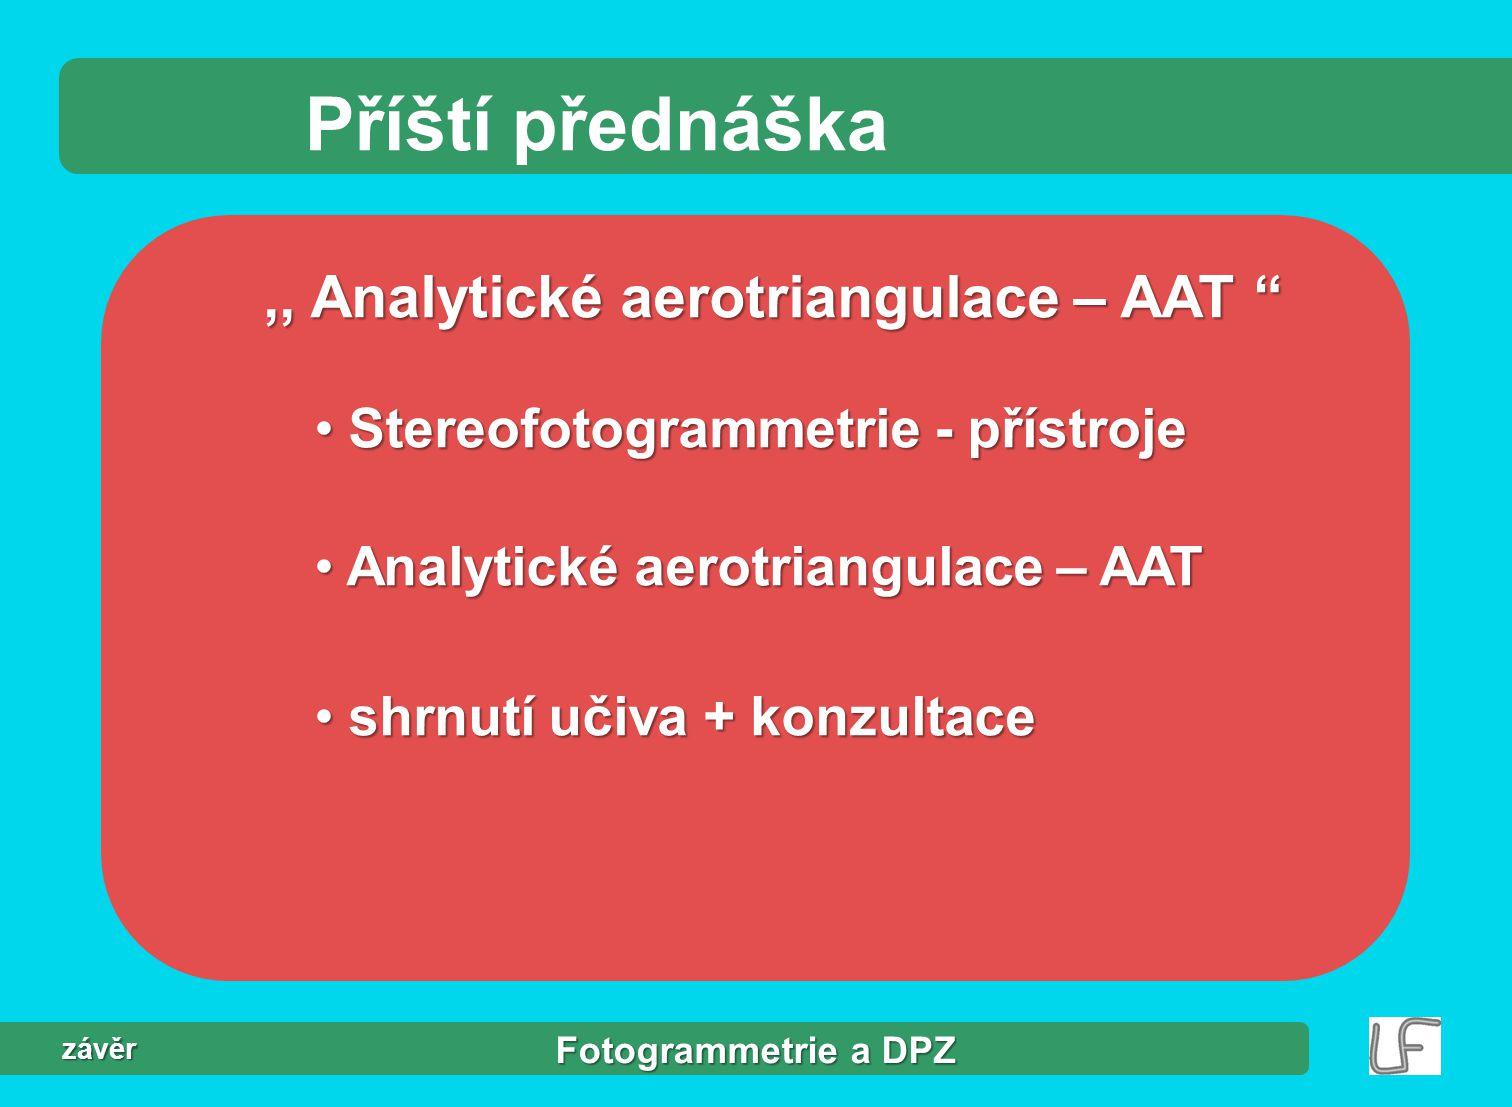 Fotogrammetrie a DPZ závěr Příští přednáška,, Analytické aerotriangulace – AAT Stereofotogrammetrie - přístroje Stereofotogrammetrie - přístroje Analytické aerotriangulace – AAT Analytické aerotriangulace – AAT shrnutí učiva + konzultace shrnutí učiva + konzultace